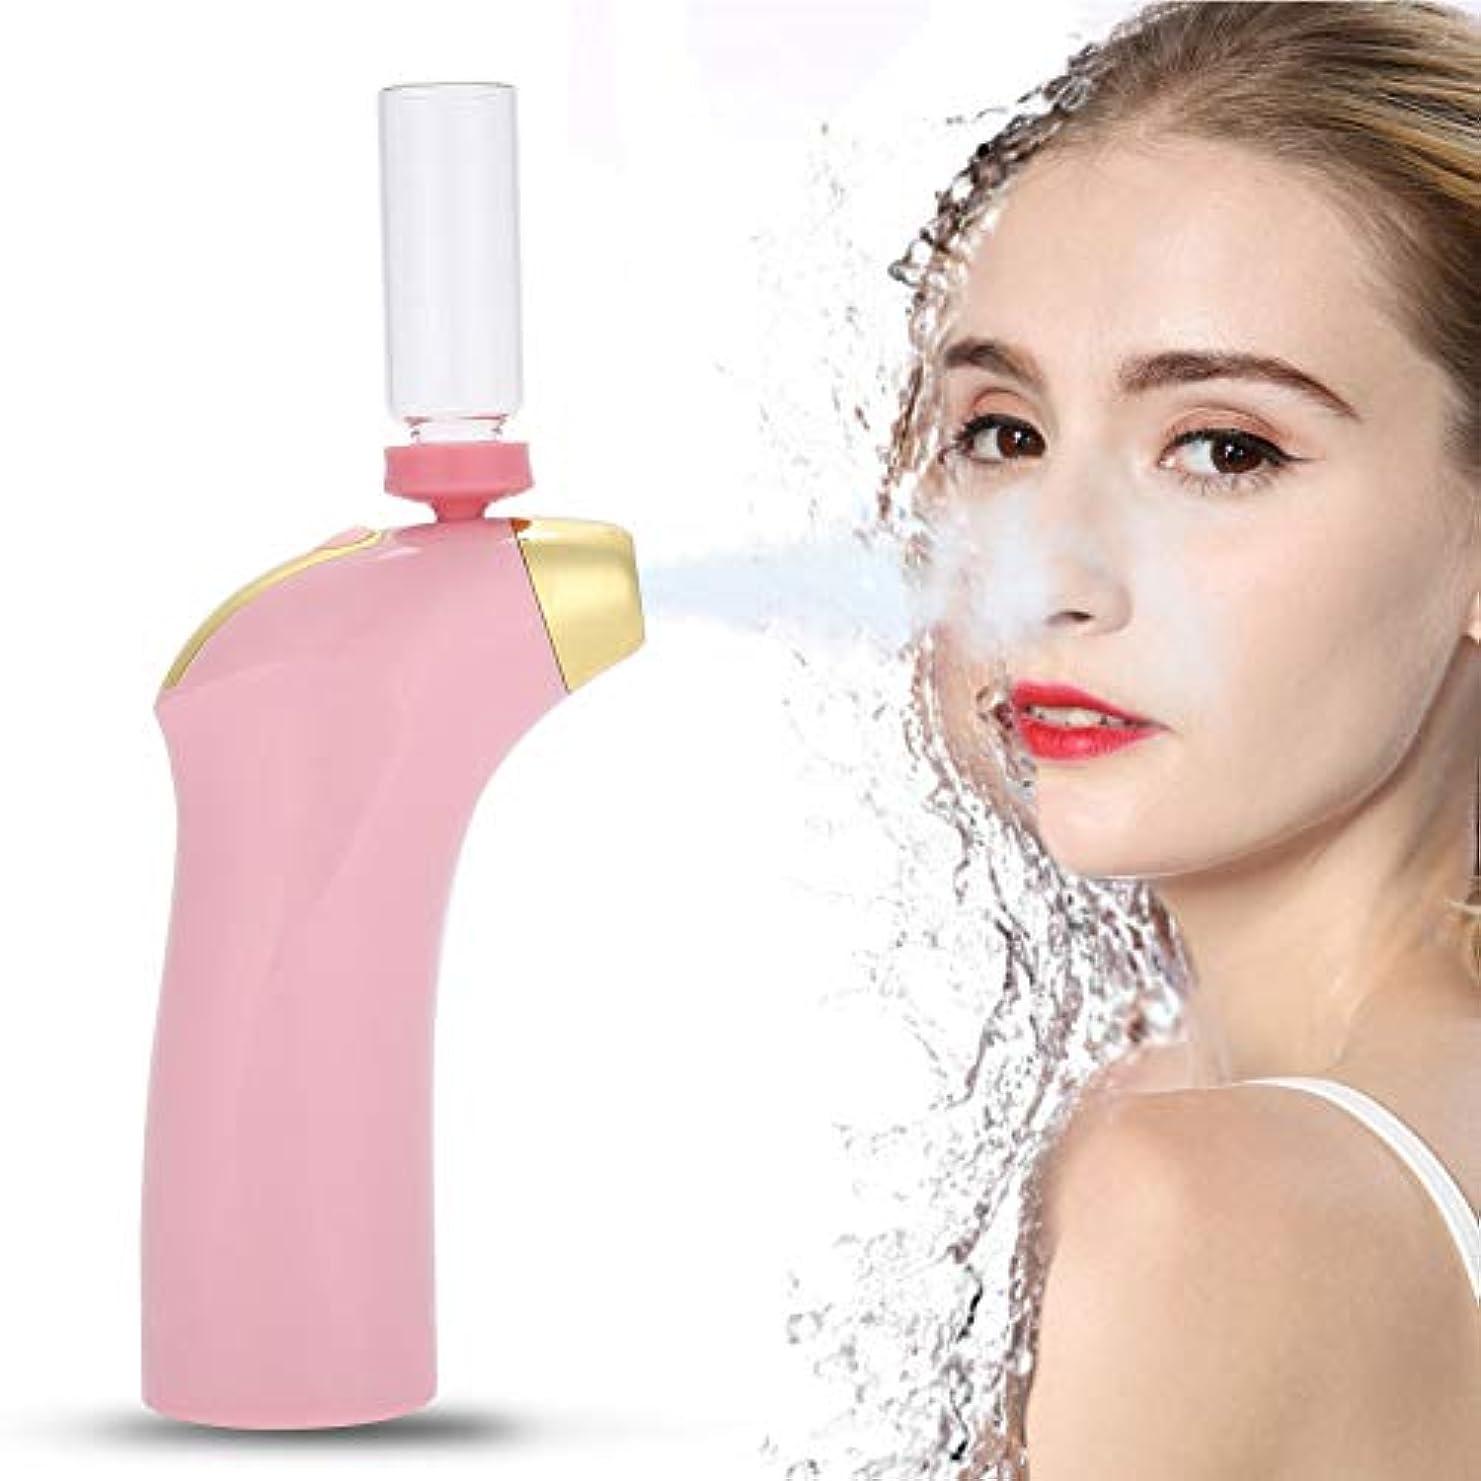 定規ハーブ愛情専門の酸素の注入のスプレーガン - 顔の皮の若返りの美機械、顔の美の器械、引き締まる皮は、肌の色合い、色素形成を改善します